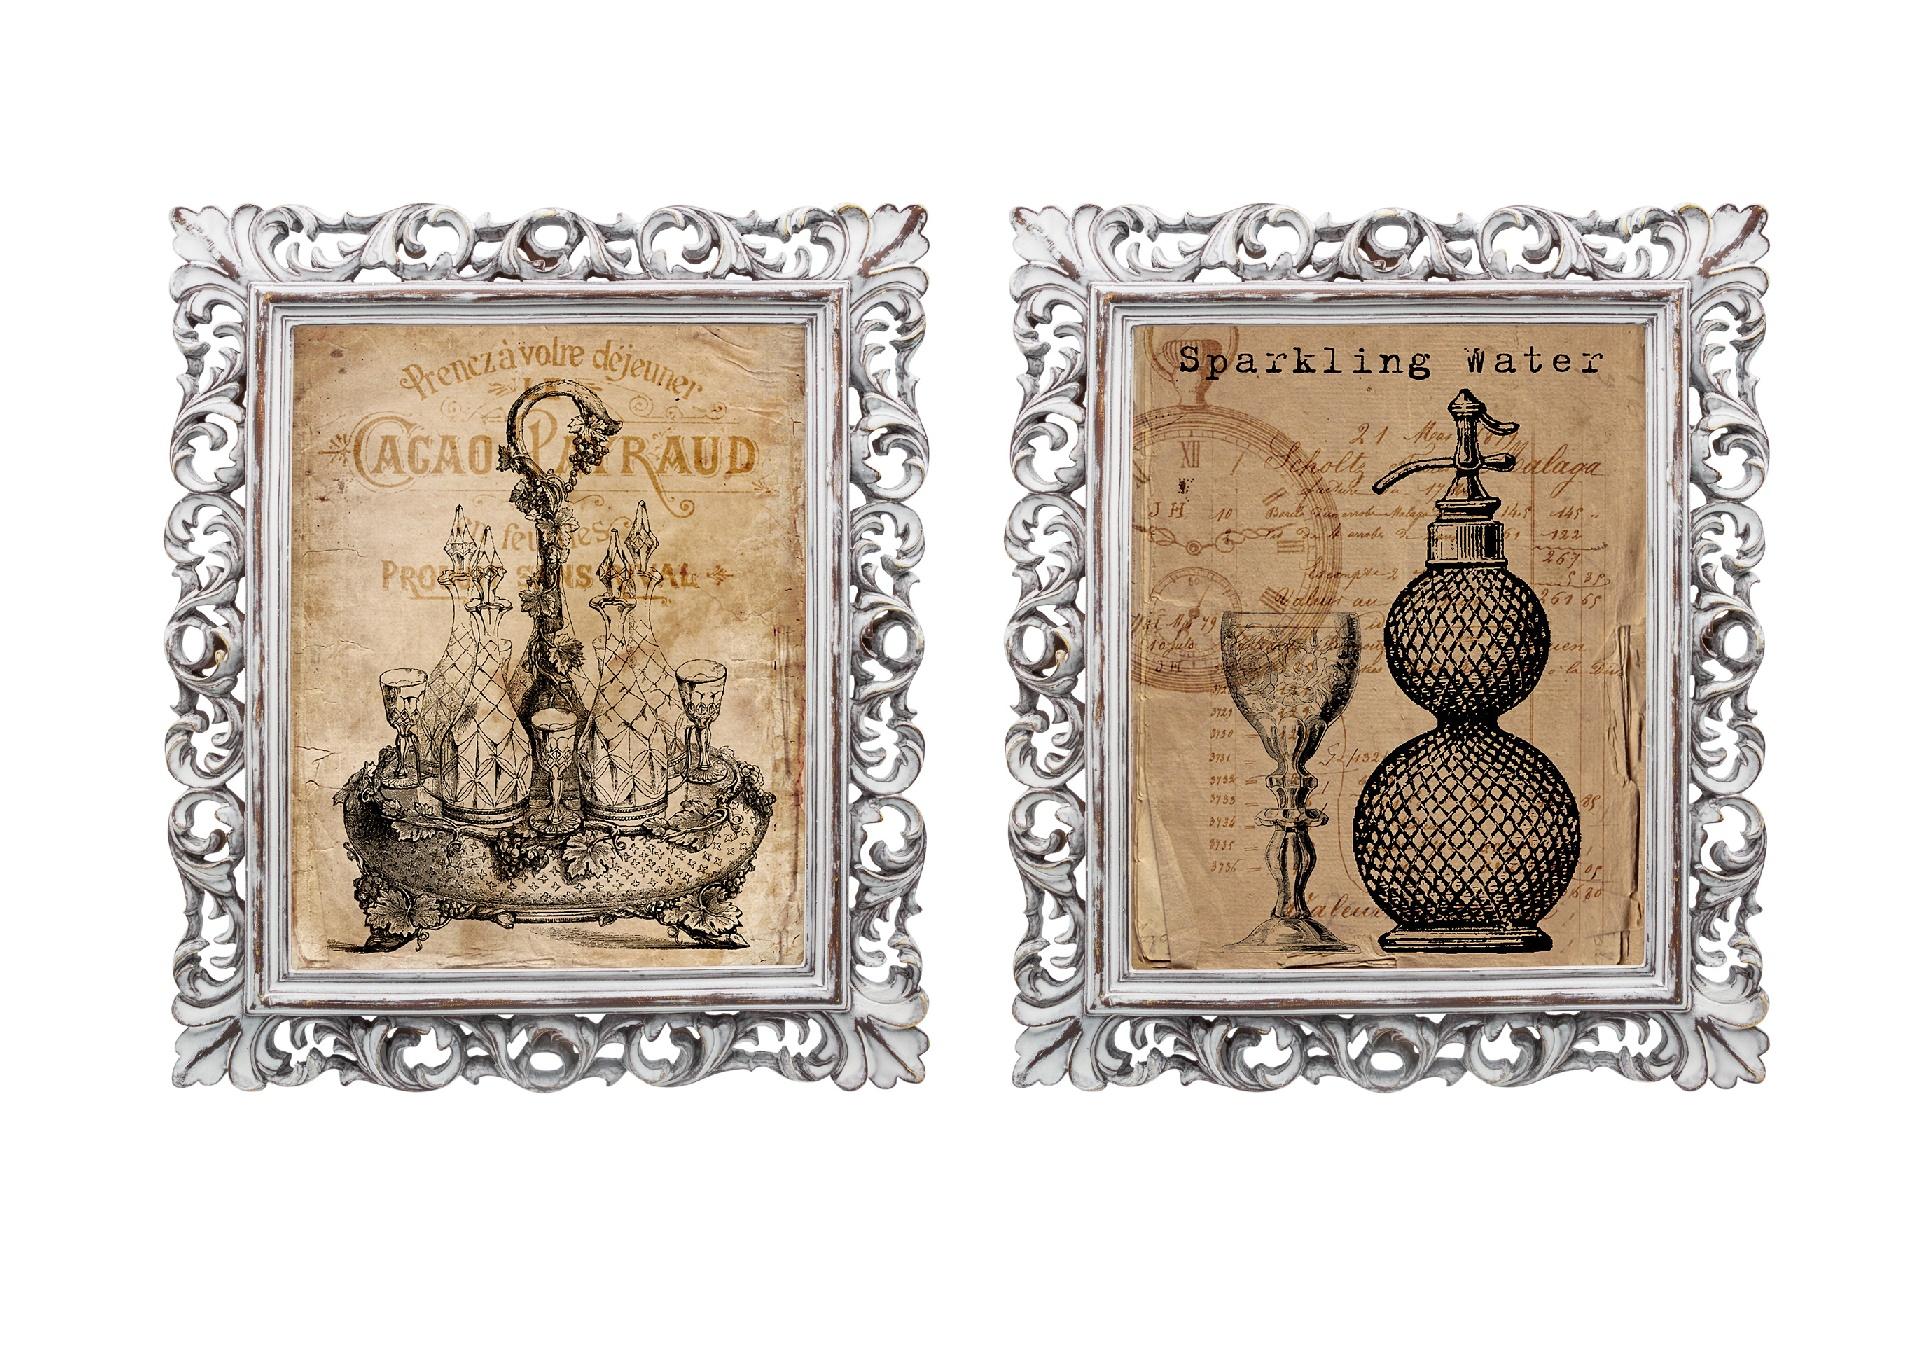 Набор из двух репродукций старинных картин в раме Мадлен. АперитивКартины<br>Репродукции старинных картин &amp;quot;Аперитив&amp;quot; - словно дверца в невероятный мир, они позволят Вам отправиться в увлекательное путешествие или окунуться в романтичную атмосферу. Эти старинные картины вызывают исключительно позитивные эмоции. Изображения обрамлены винтажными рамами, искусная техника состаривания придает изделию особую теплоту и загадочность. Благородная патина на поверхности рамы — интригующее приглашение к прогулке в мир старинных реликвий! Изображение картины наполнено уникальными эмоциями и тайной, скрытой под кристально прозрачным стеклом. Картину можно повесить на стену, а можно поставить, например, на стол или камин. Защитный стеклянный слой гарантирует долгую жизнь прекрасному изображению. А если Вам захочется обновить интерьер, Вы можете с легкостью заменить изображение картины!&amp;lt;div&amp;gt;&amp;lt;br&amp;gt;&amp;lt;/div&amp;gt;<br><br>Material: Бумага<br>Width см: 28,8<br>Depth см: 2,3<br>Height см: 33,8